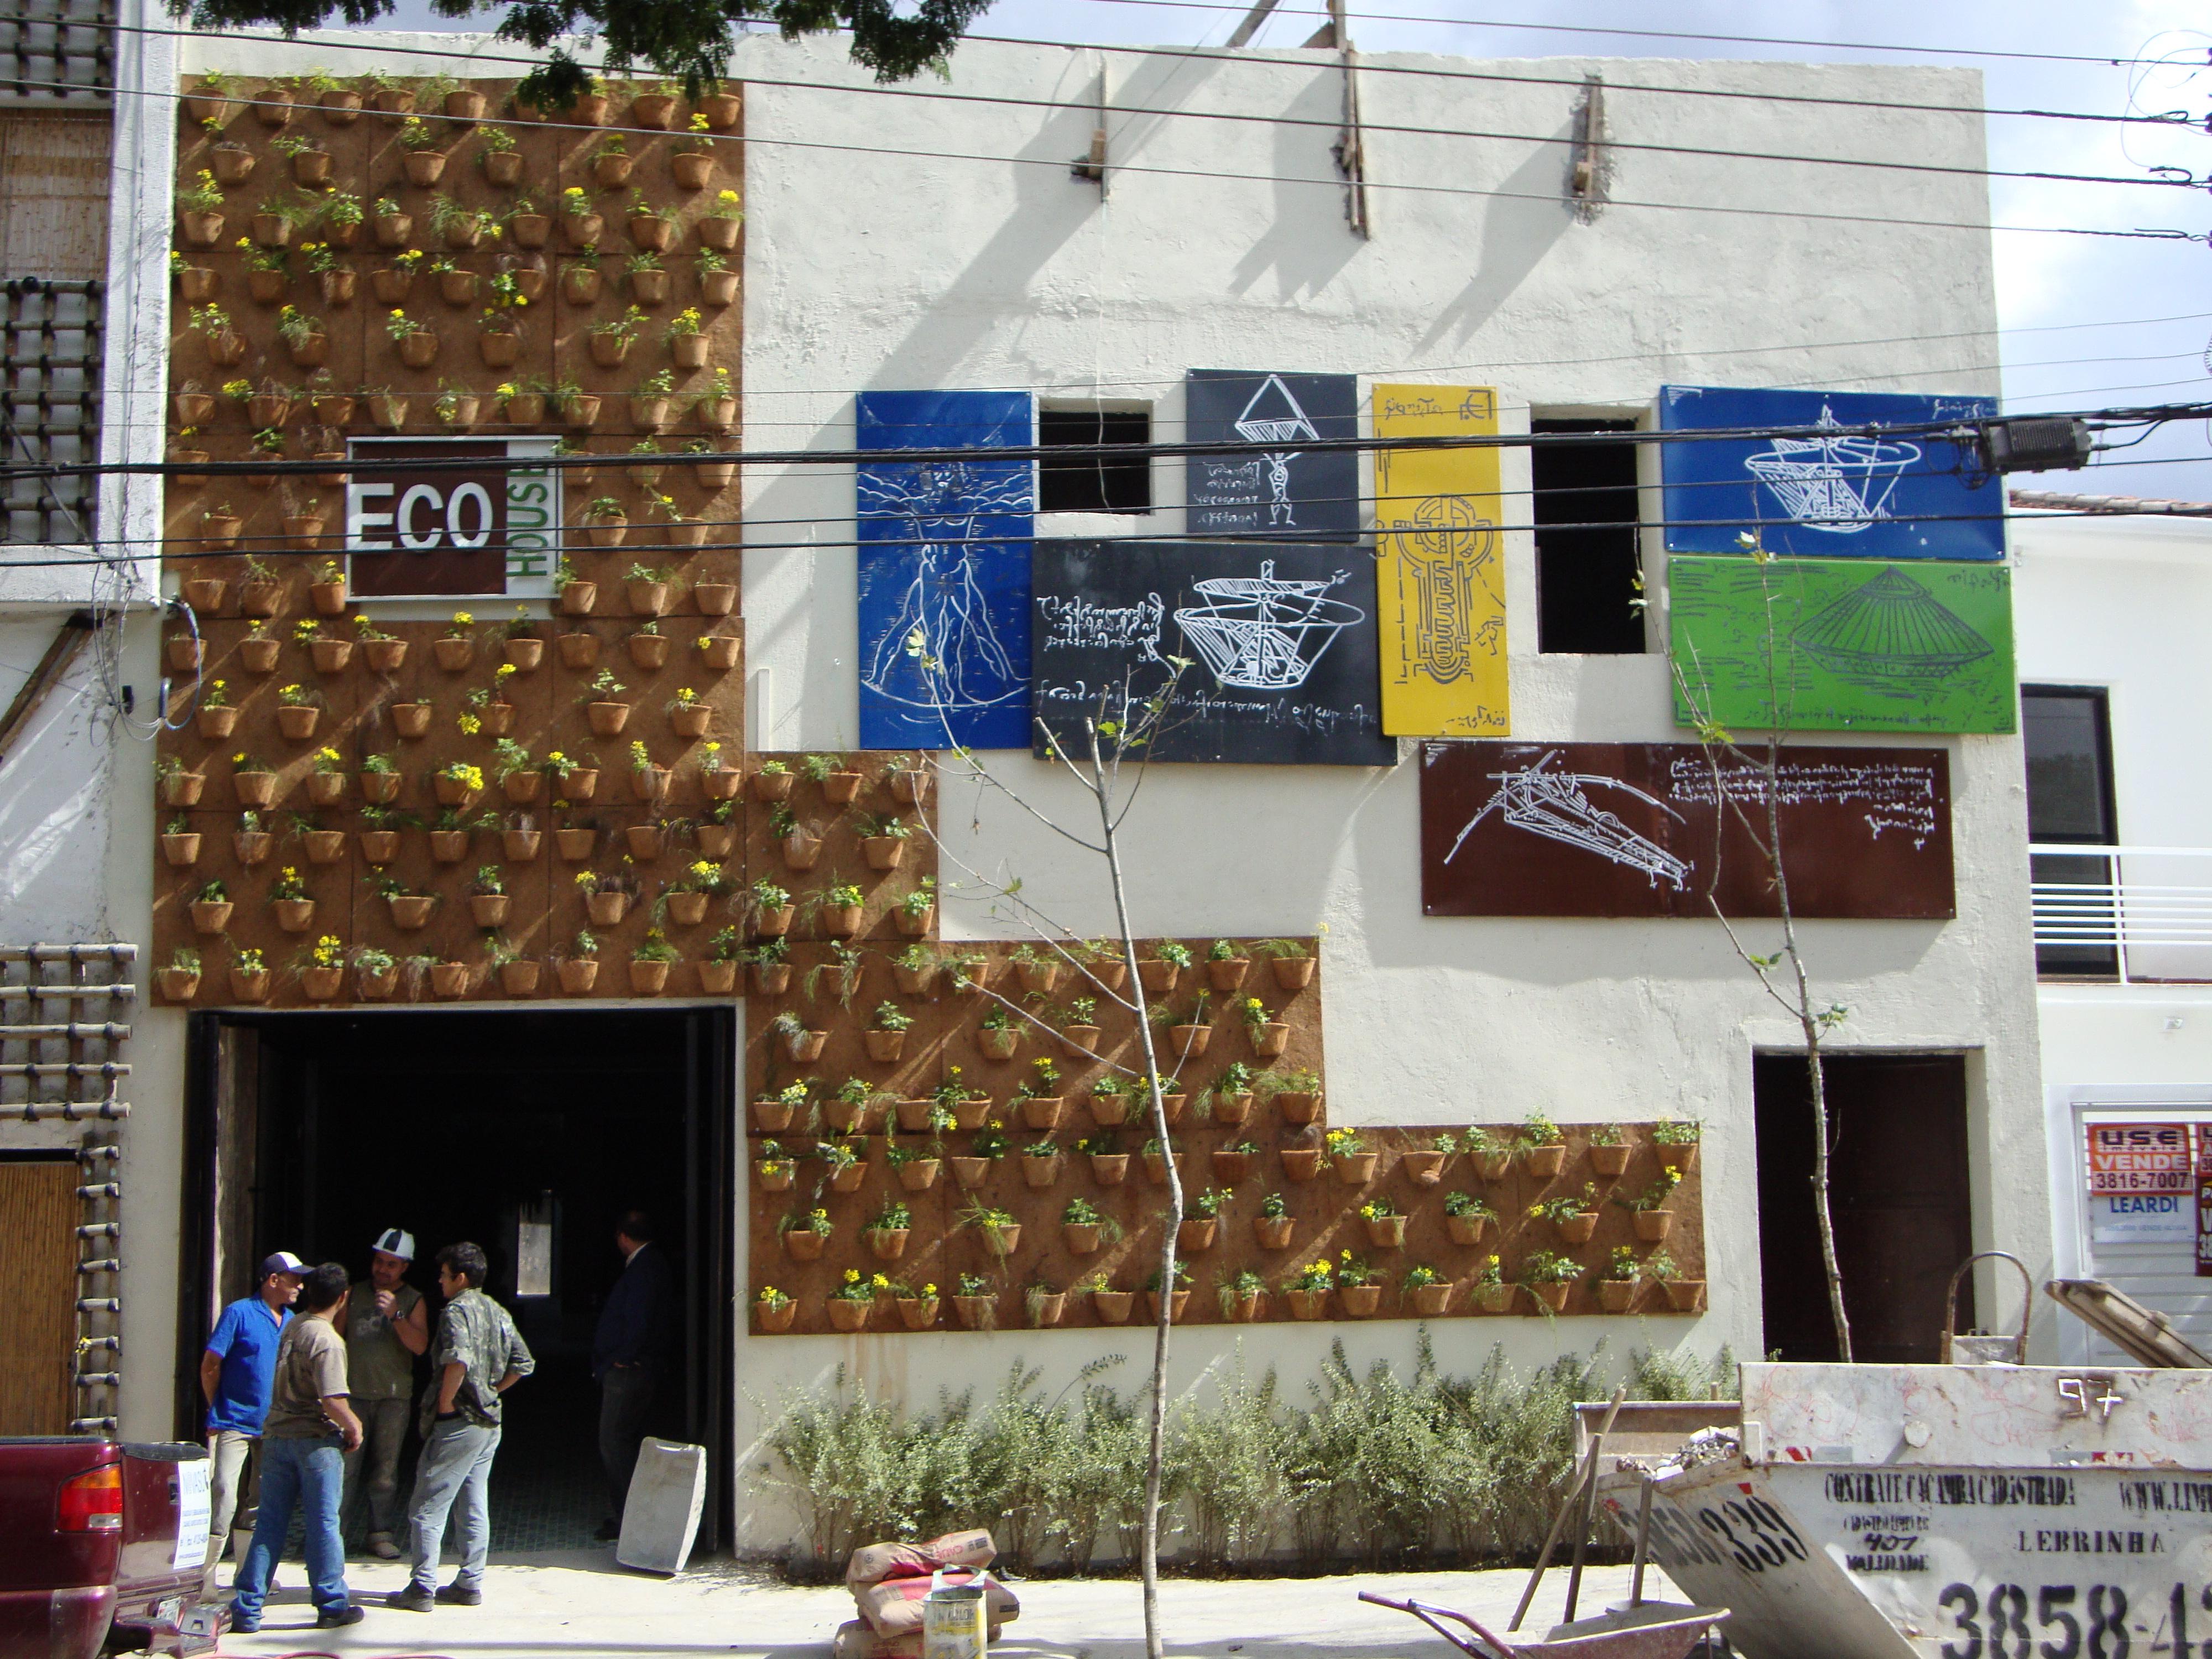 Eco House Eventos photo - 1